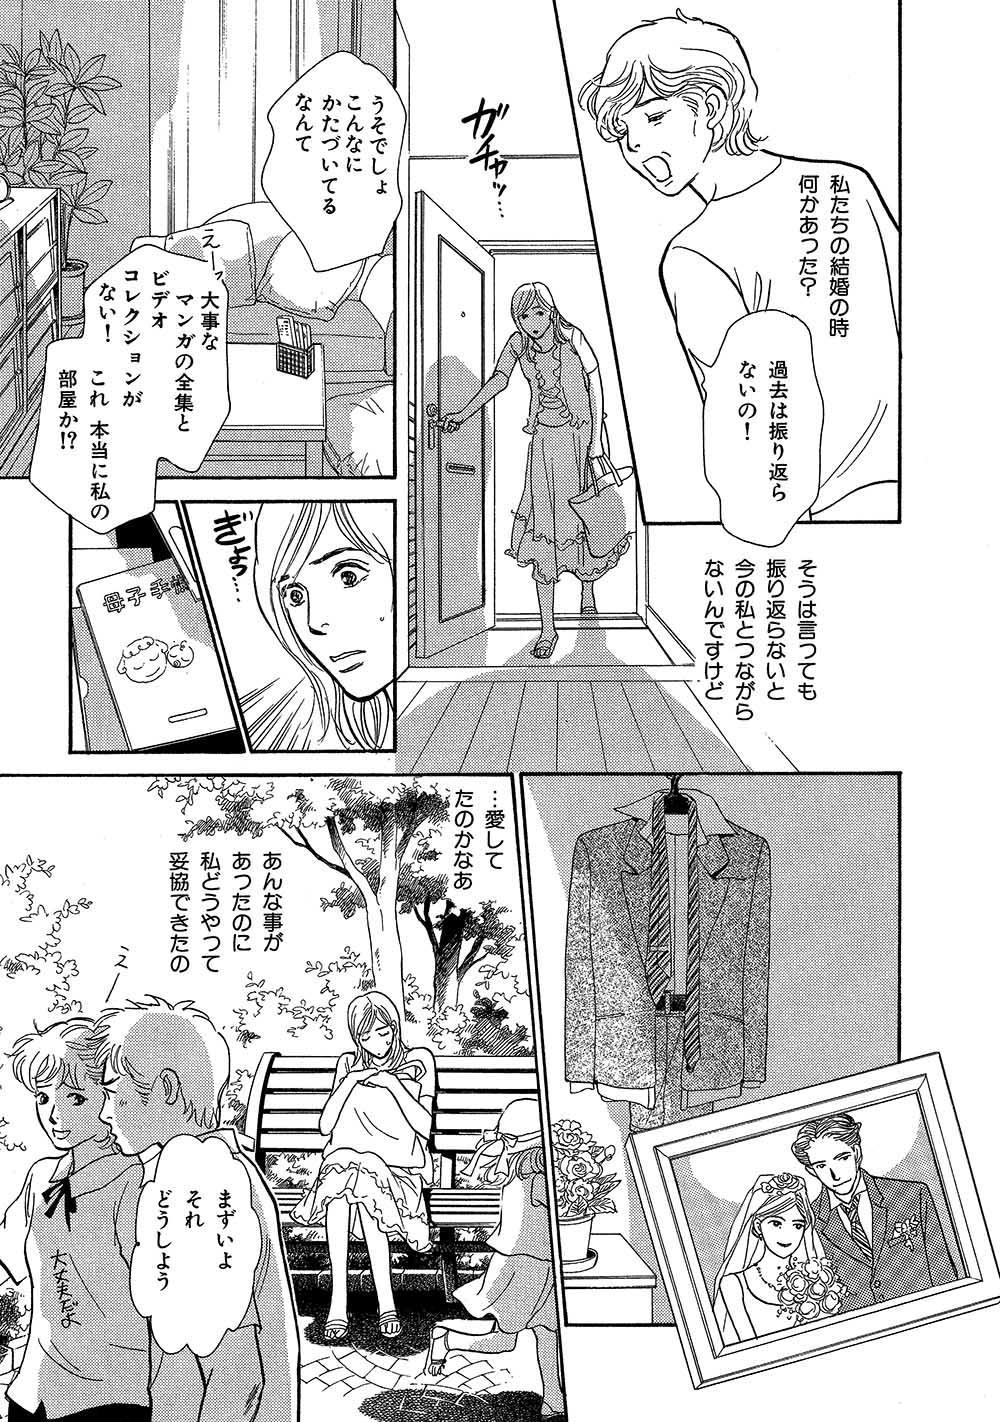 hyakki_0016_0079.jpg